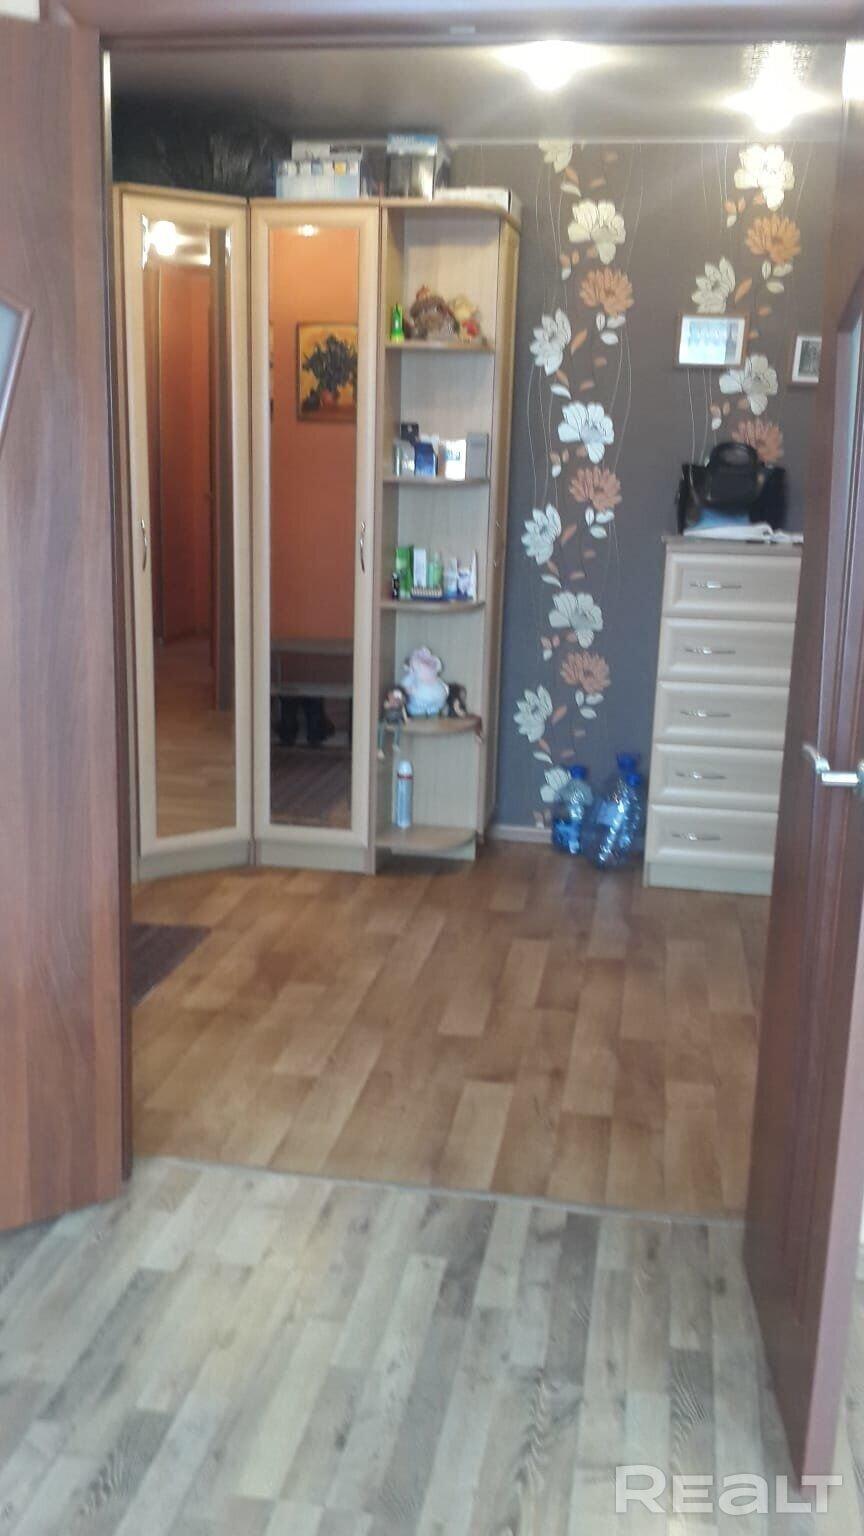 Продажа 2-х комнатной квартиры в г. Чаусах, ул. Ленинская, дом 5. Цена 41 786 руб c торгом